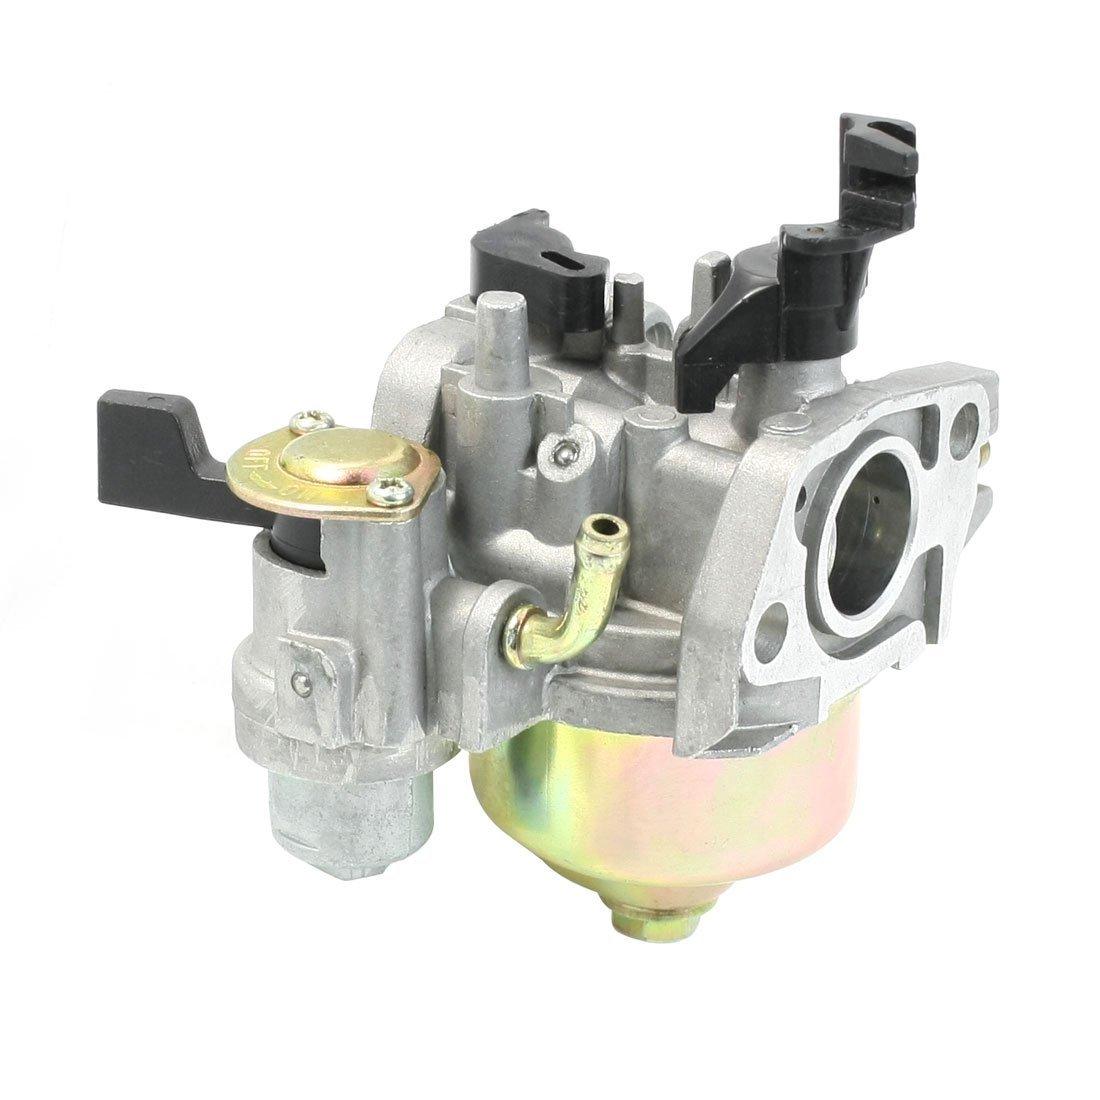 Sourcingmap Cropper bơm CARBURETTOR bộ chế hòa khí động cơ động cơ ô điều khiển Trung Quốc sản xuất.